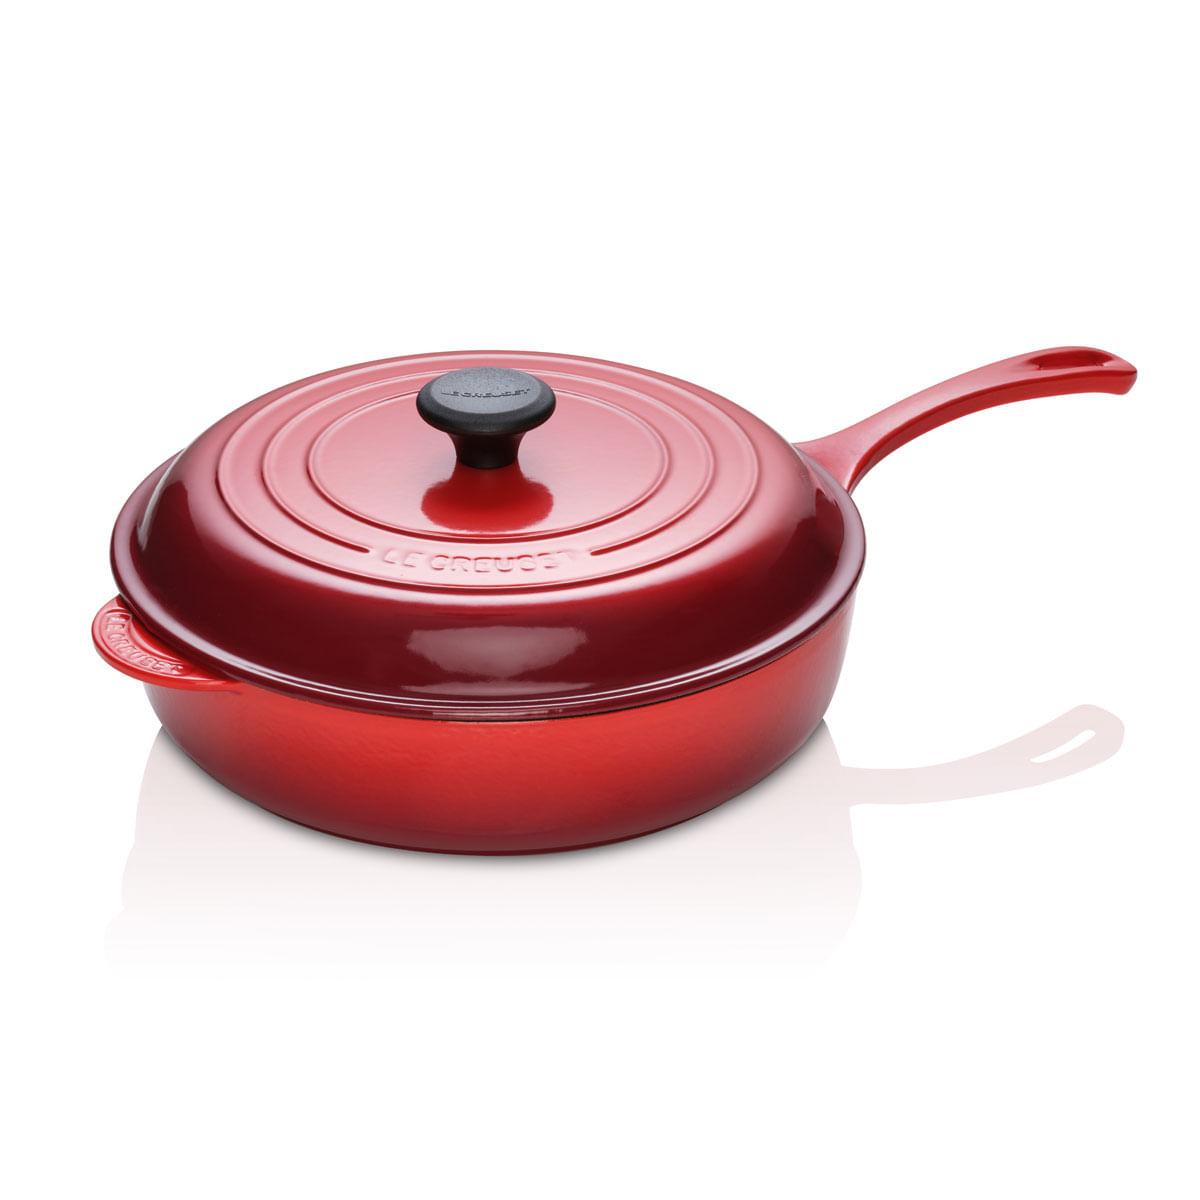 Frigideira Sauté Pegador Aço Inox 30 cm Vermelho Le Creuset